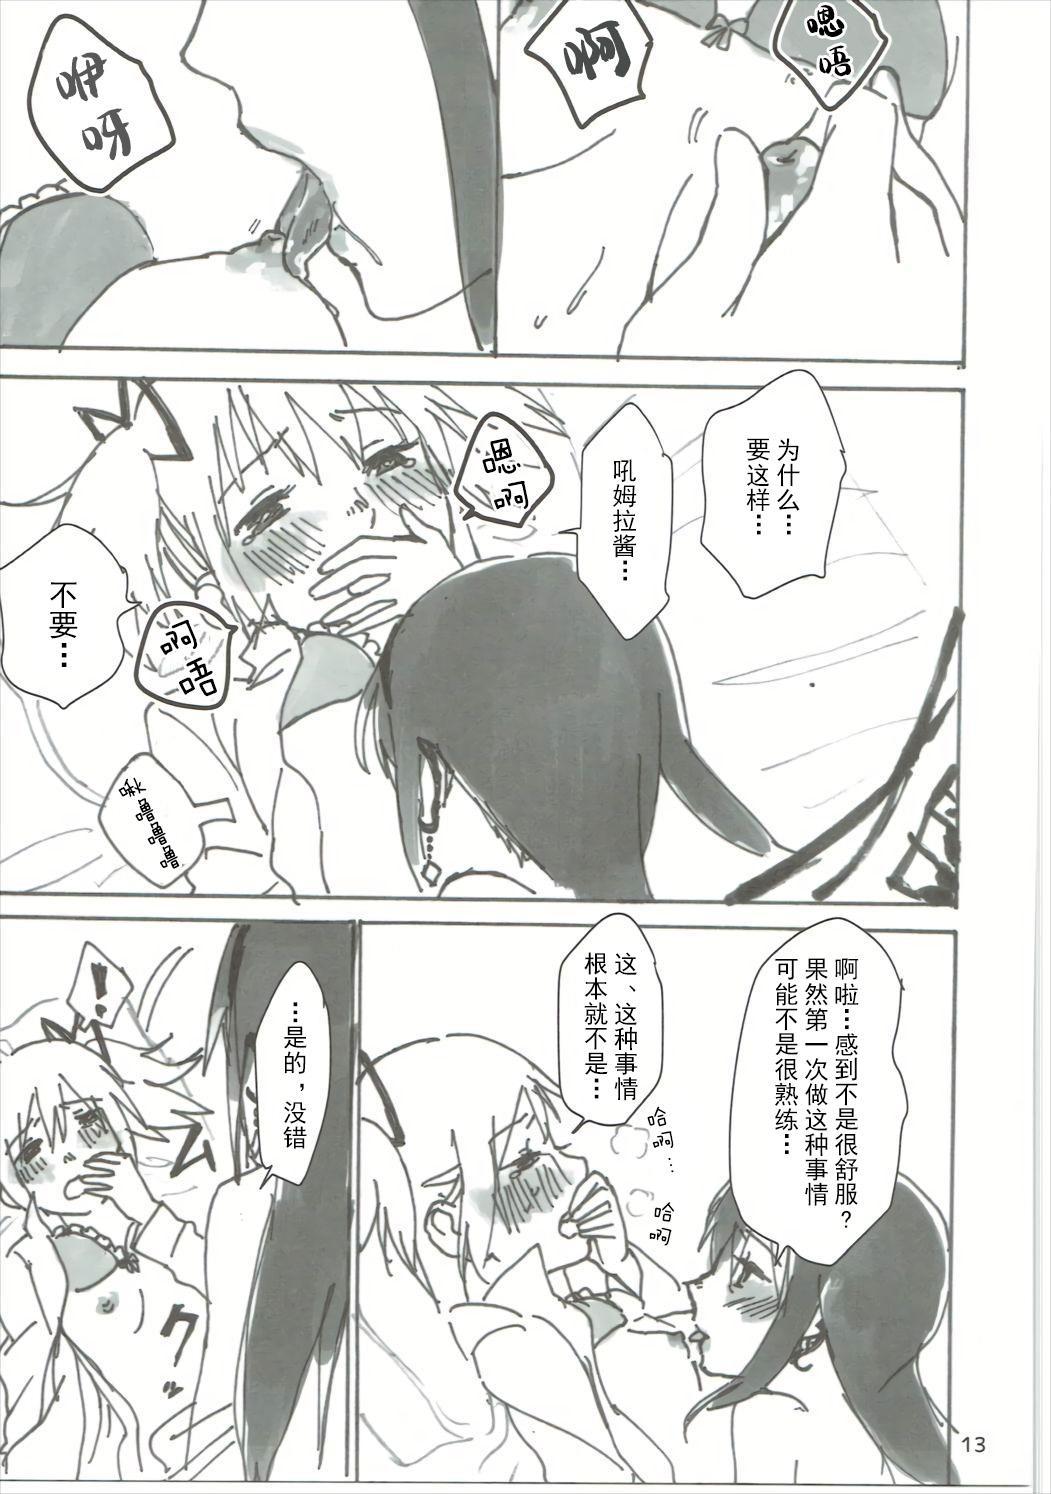 Homu no Ongaeshi 13